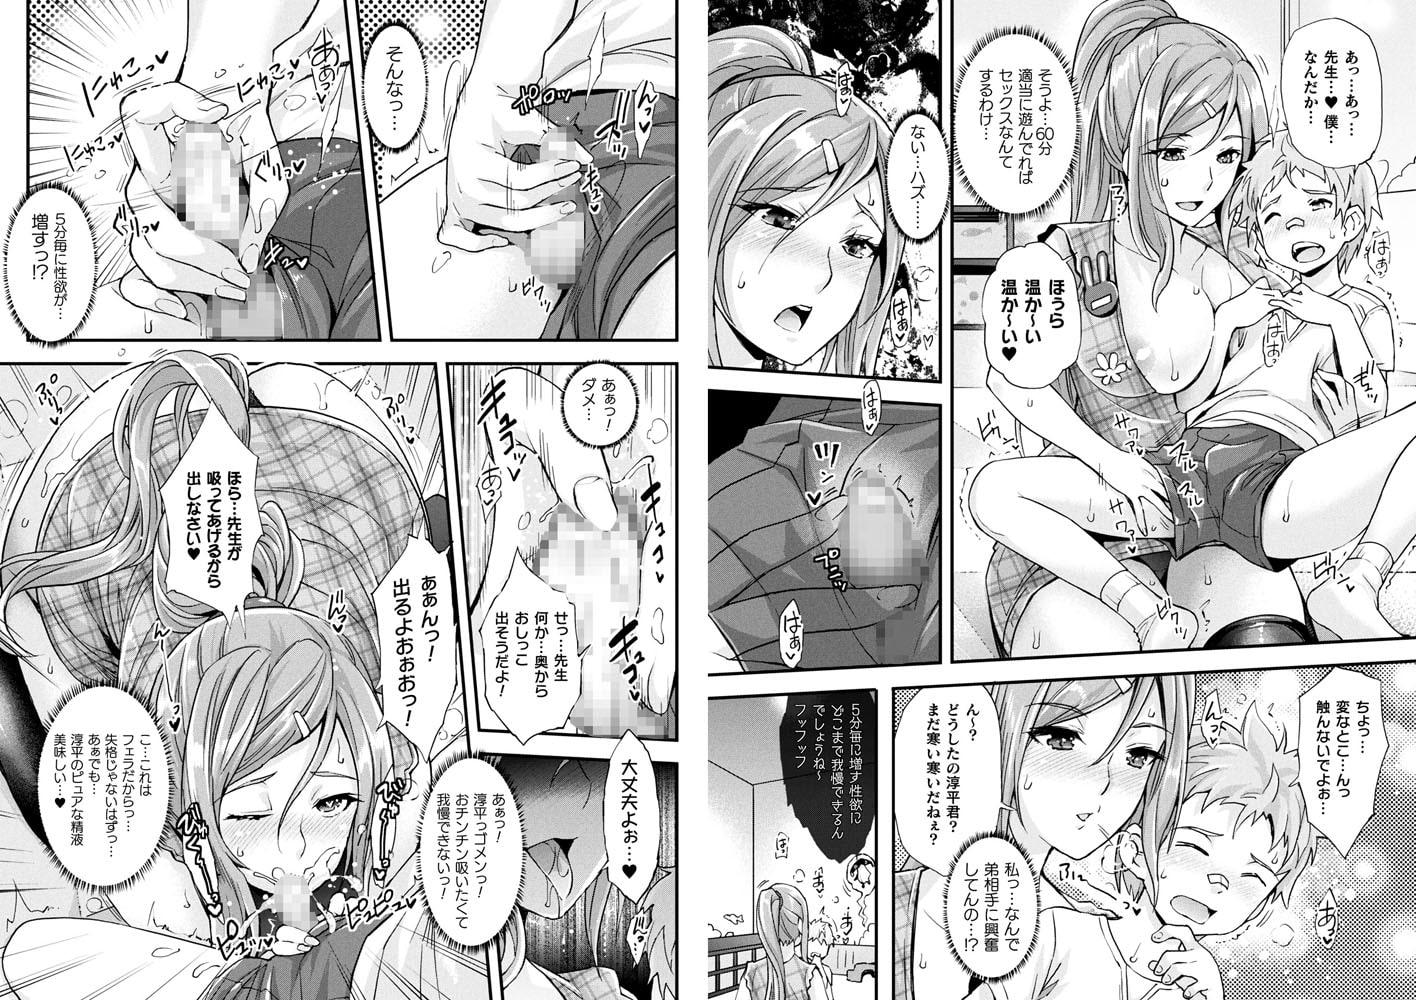 コミックアンリアル Vol.85【特別付録バイノーラル音声『愛聖天使ラブメアリー』サキュメアリップの甘やかし誘惑搾精】